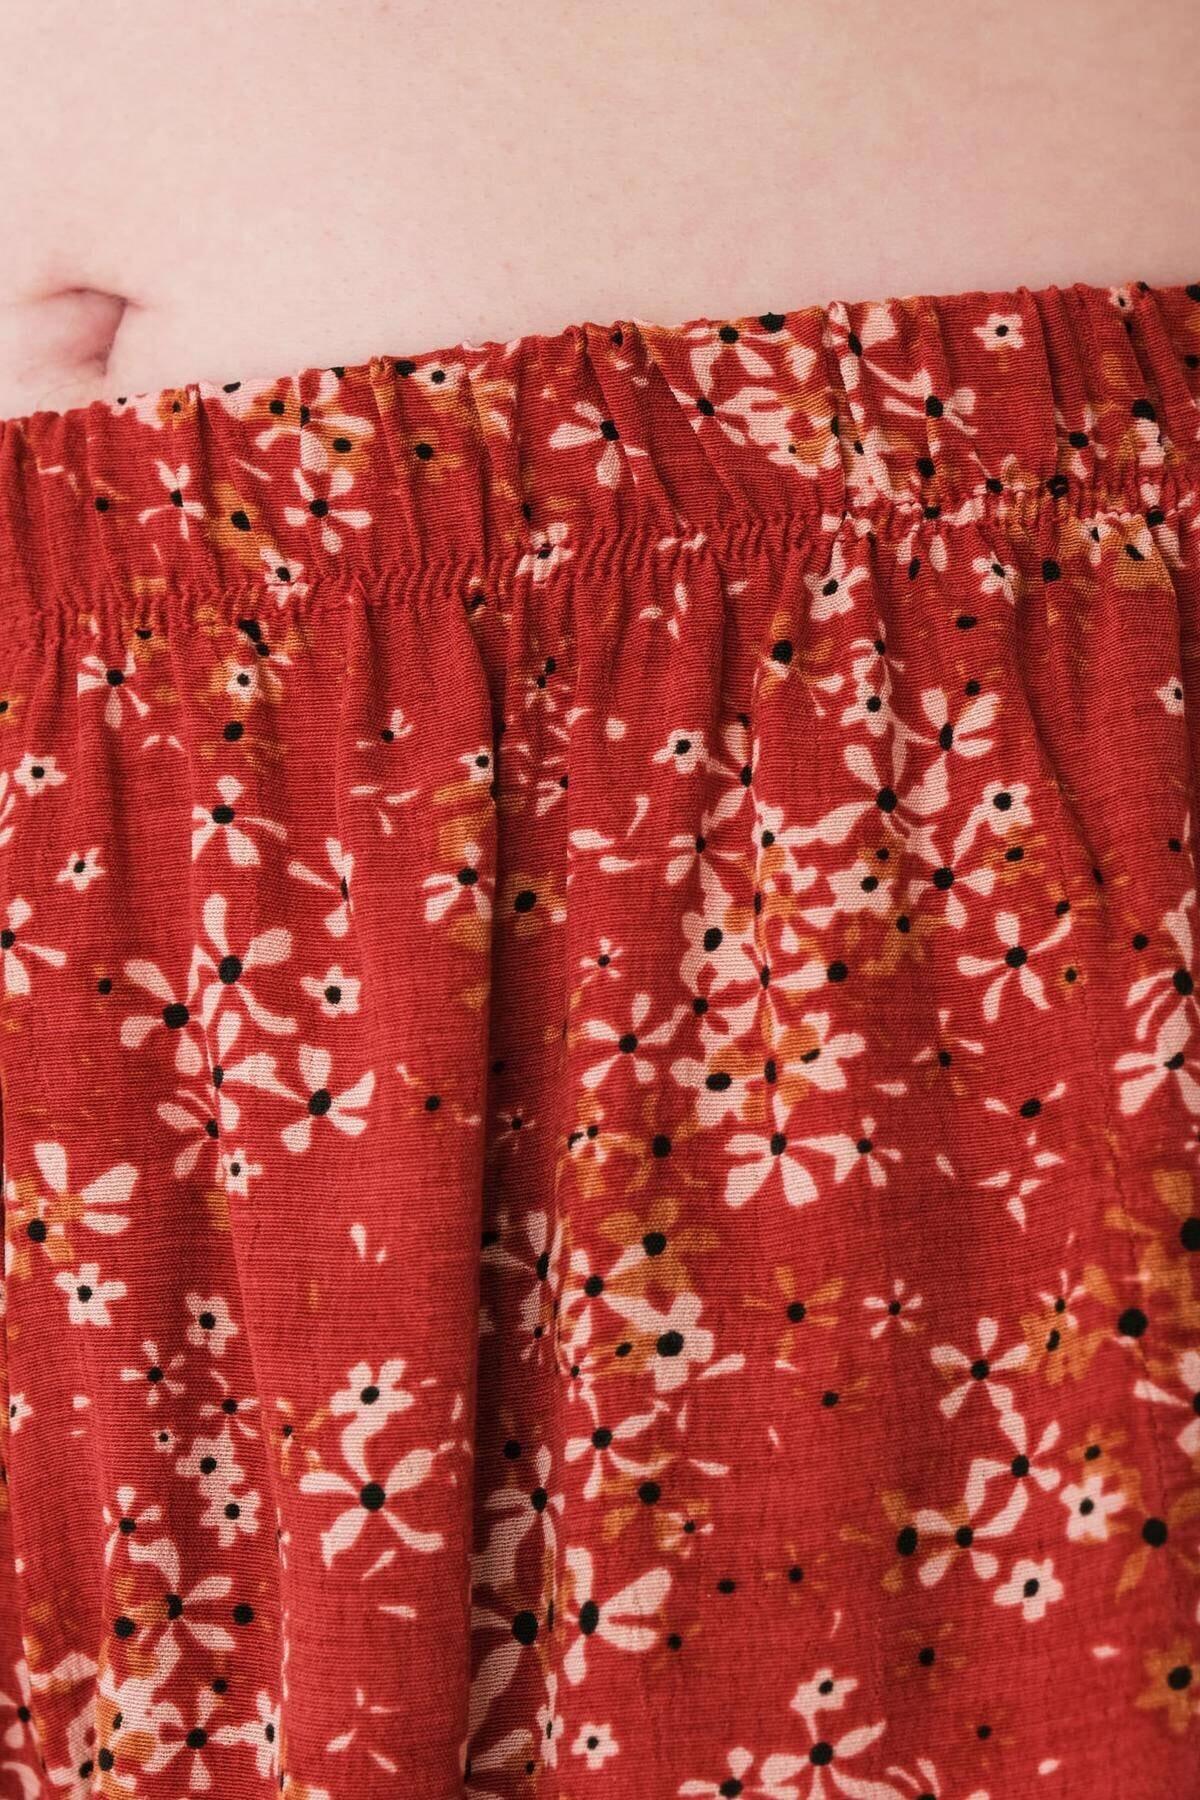 Addax Kadın Kırmızı Beli Lastikli Şort S0973 - S8 ADX-0000022402 3